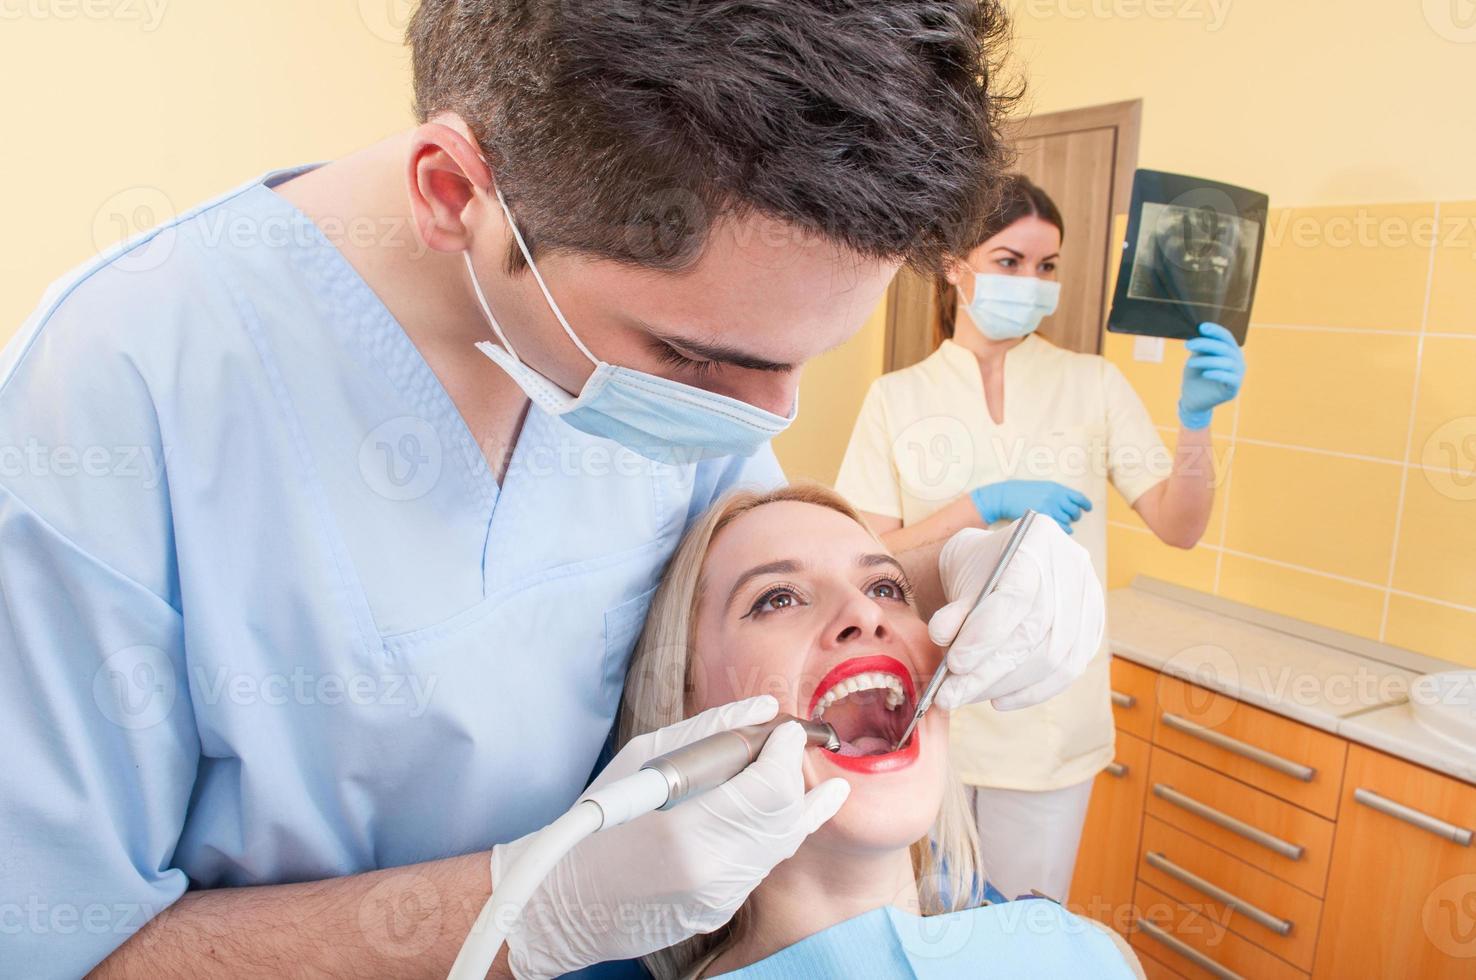 équipe dentaire au travail photo